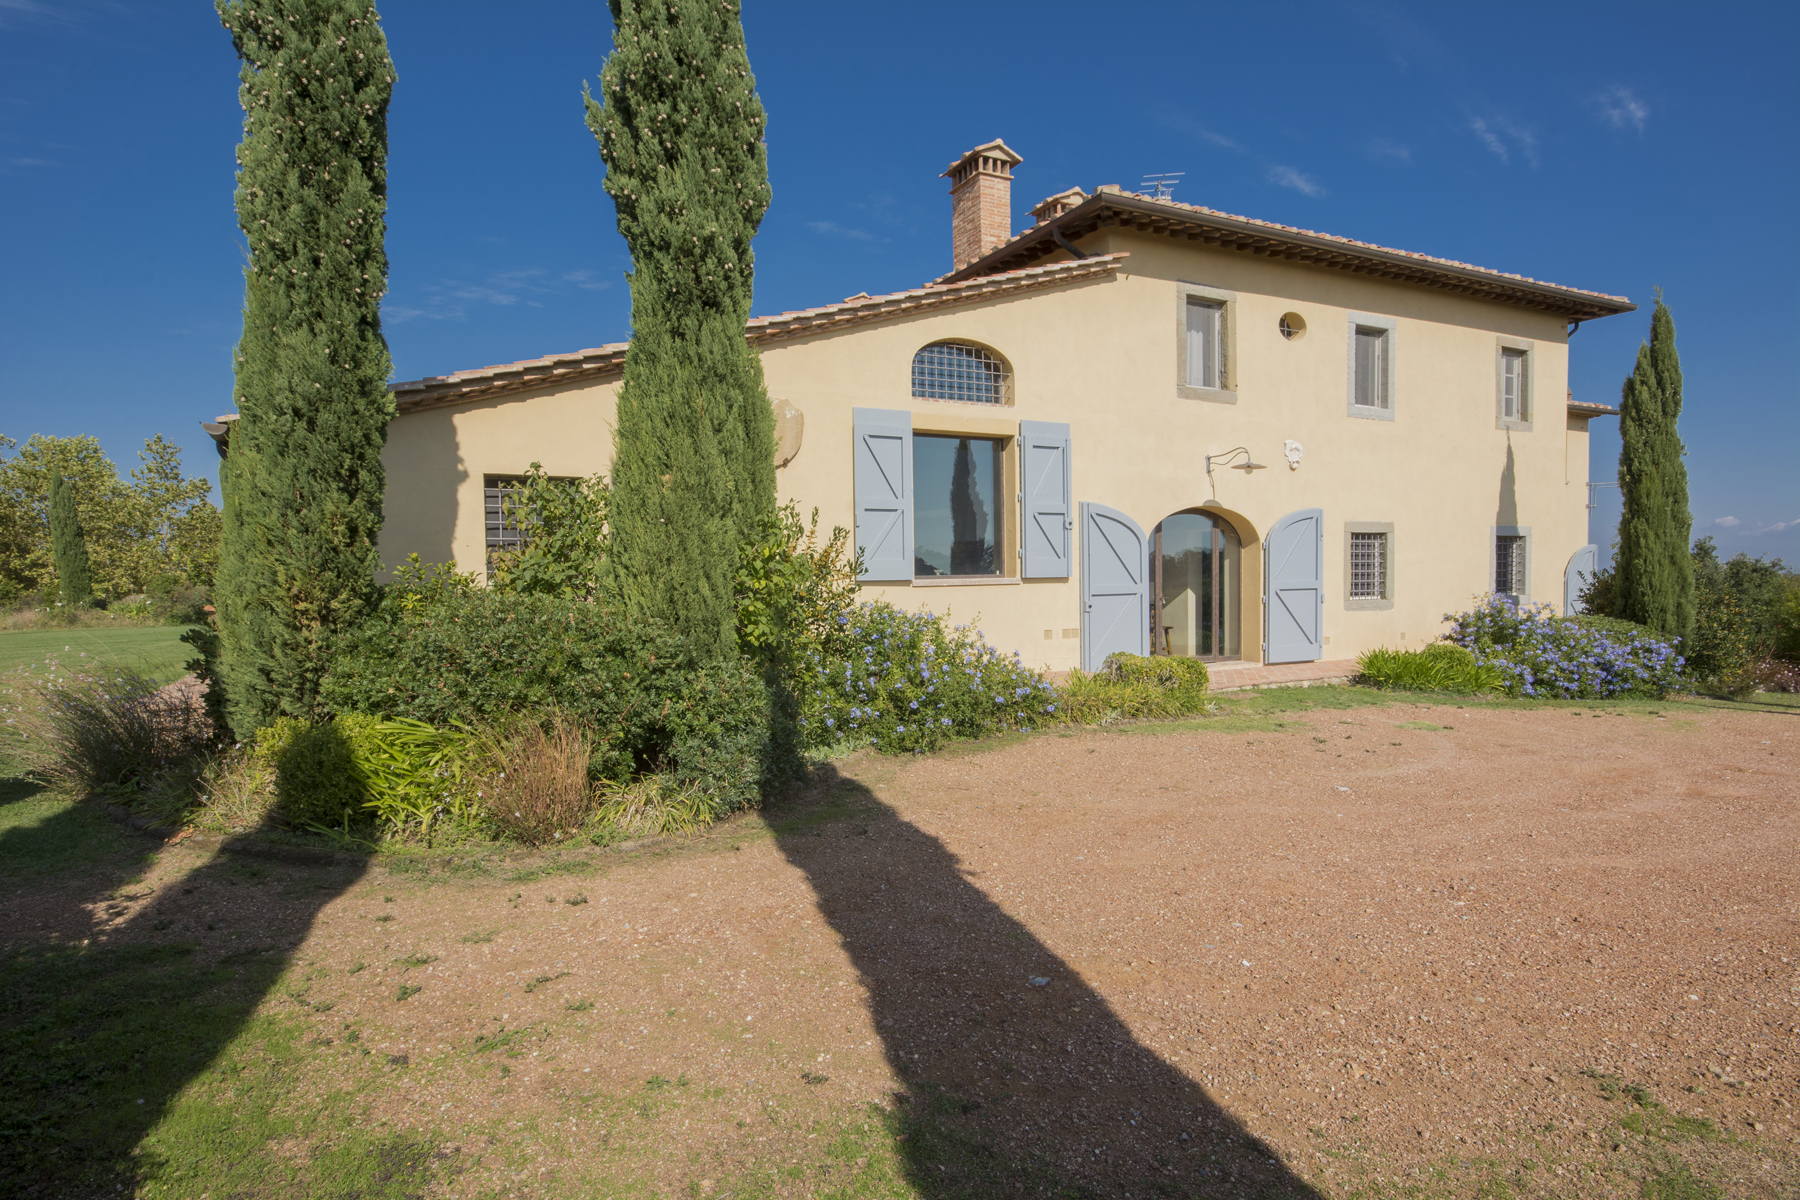 Villa in Vendita a Crespina: 5 locali, 500 mq - Foto 2